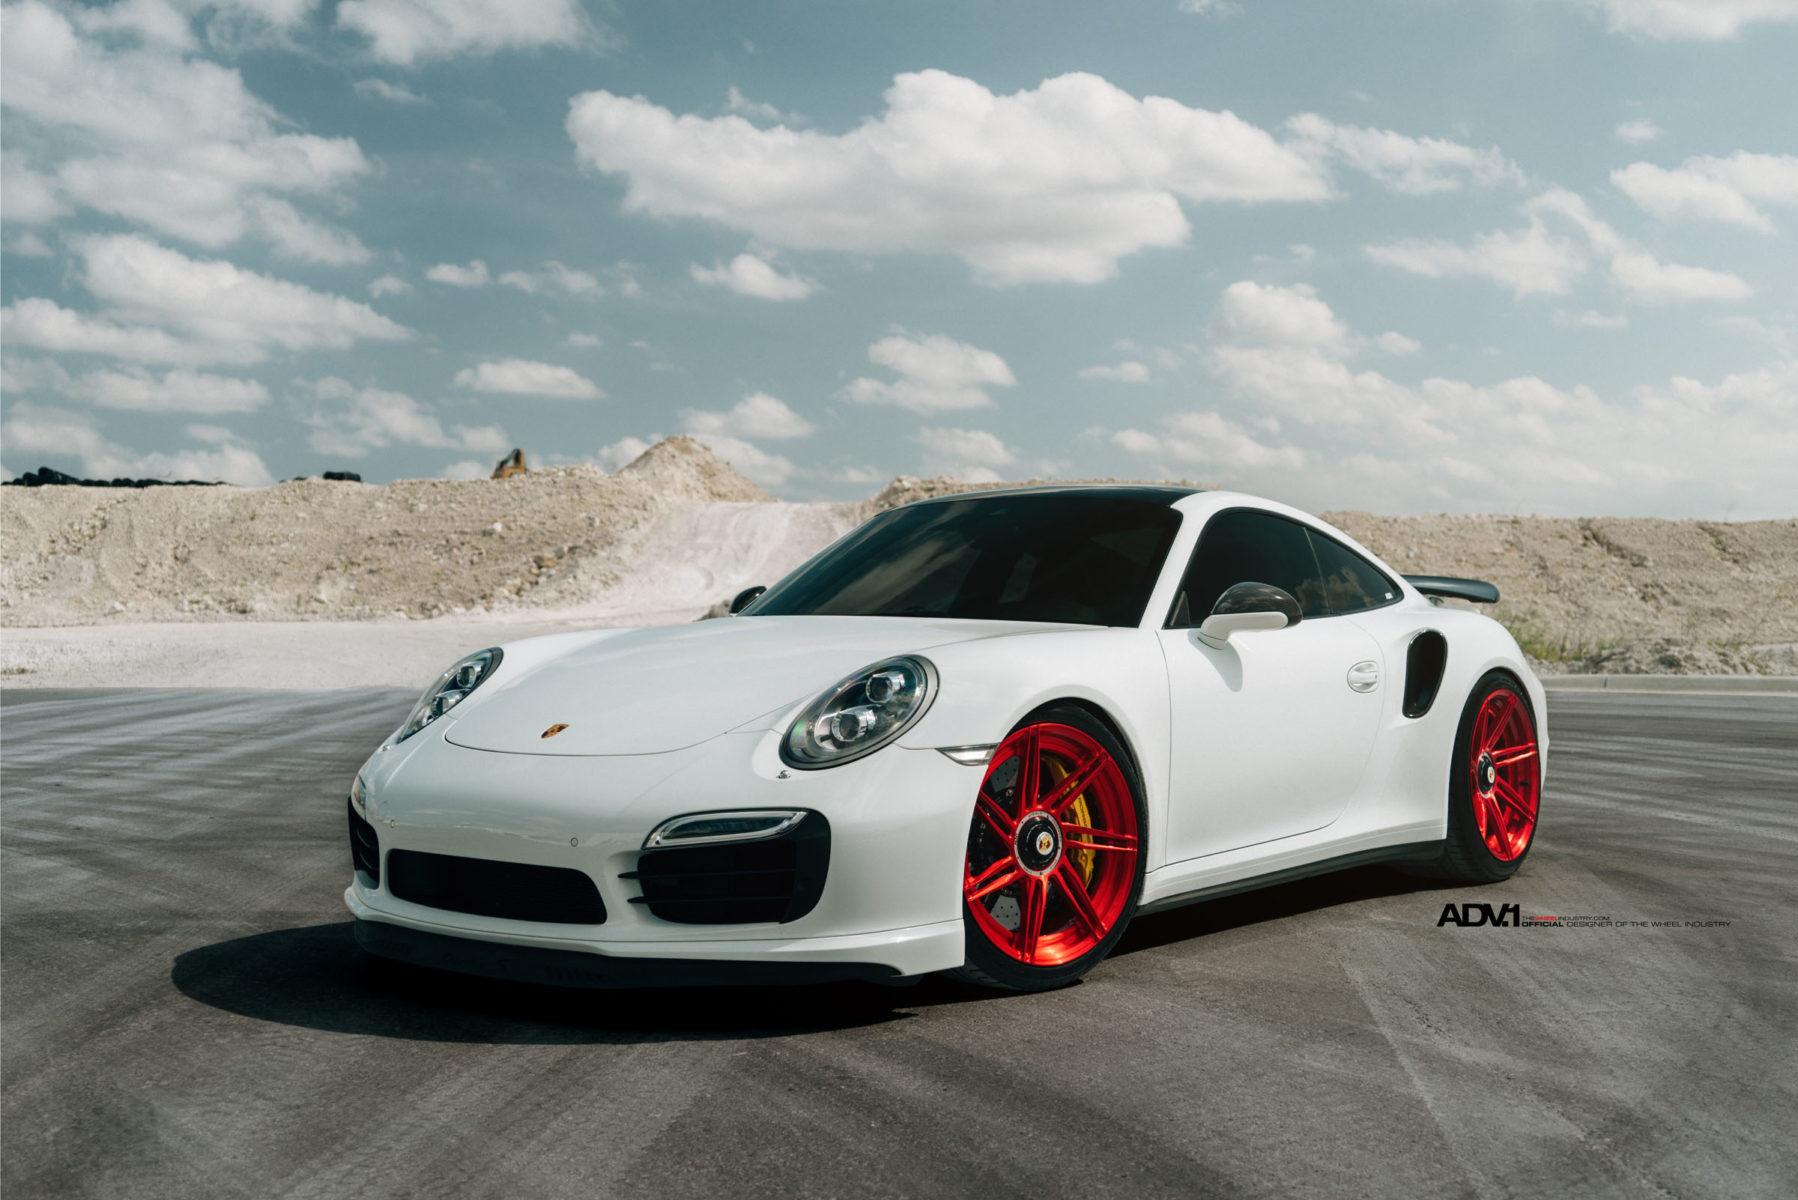 White Porsche 911 Turbo S Adv07r M V2 Cs Series